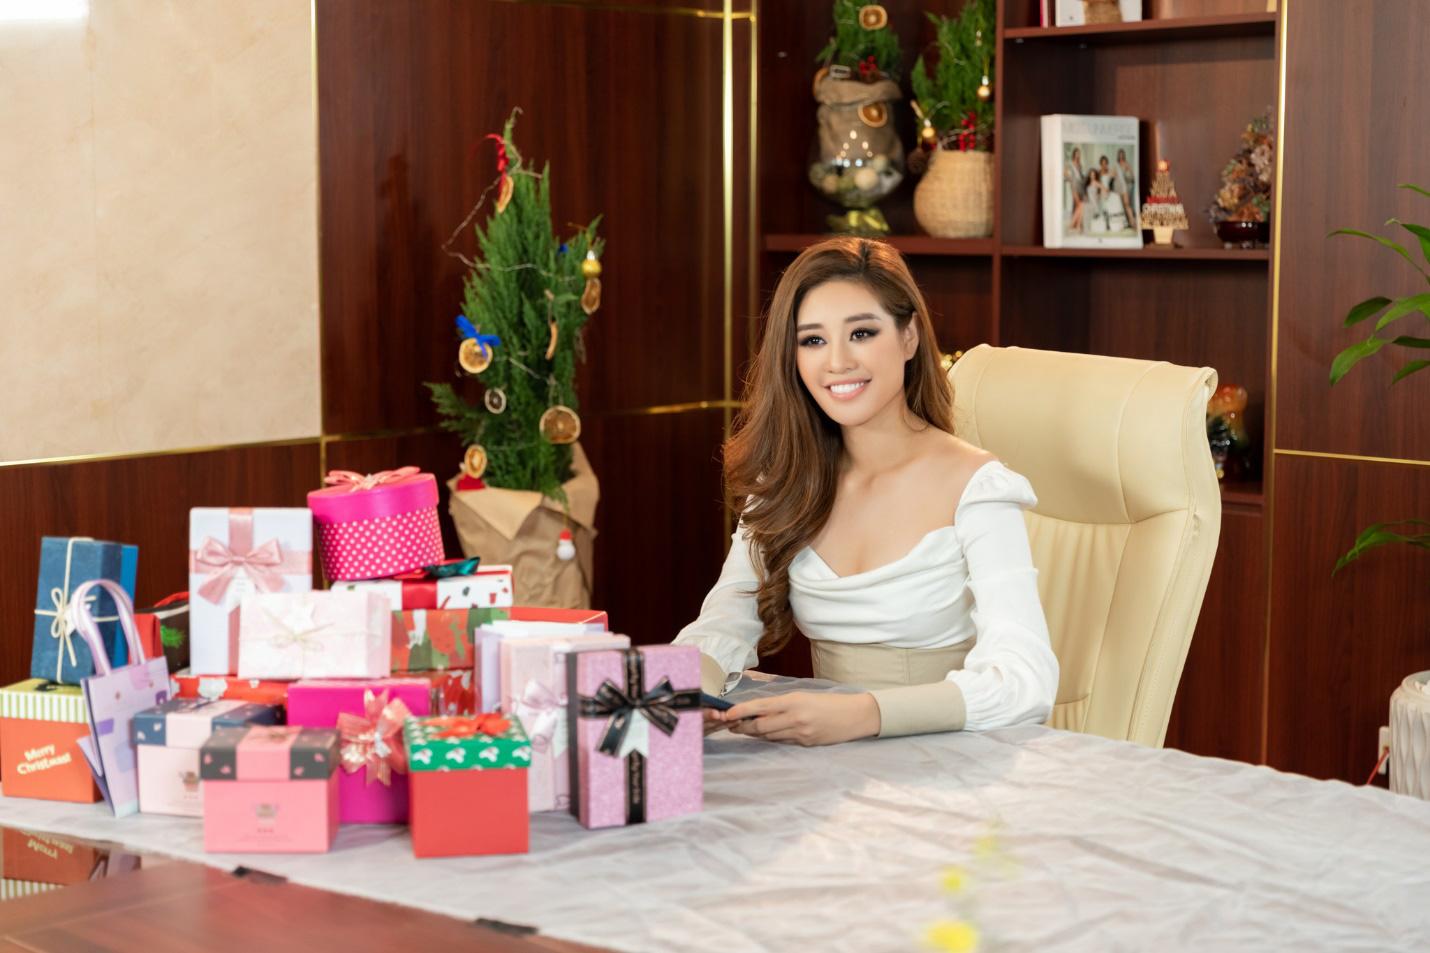 """Hoa hậu Khánh Vân sau 1 năm đăng quang: Nhan sắc thăng hạng, sẵn sàng để """"chinh chiến"""" Miss Universe 2020 - Ảnh 4."""